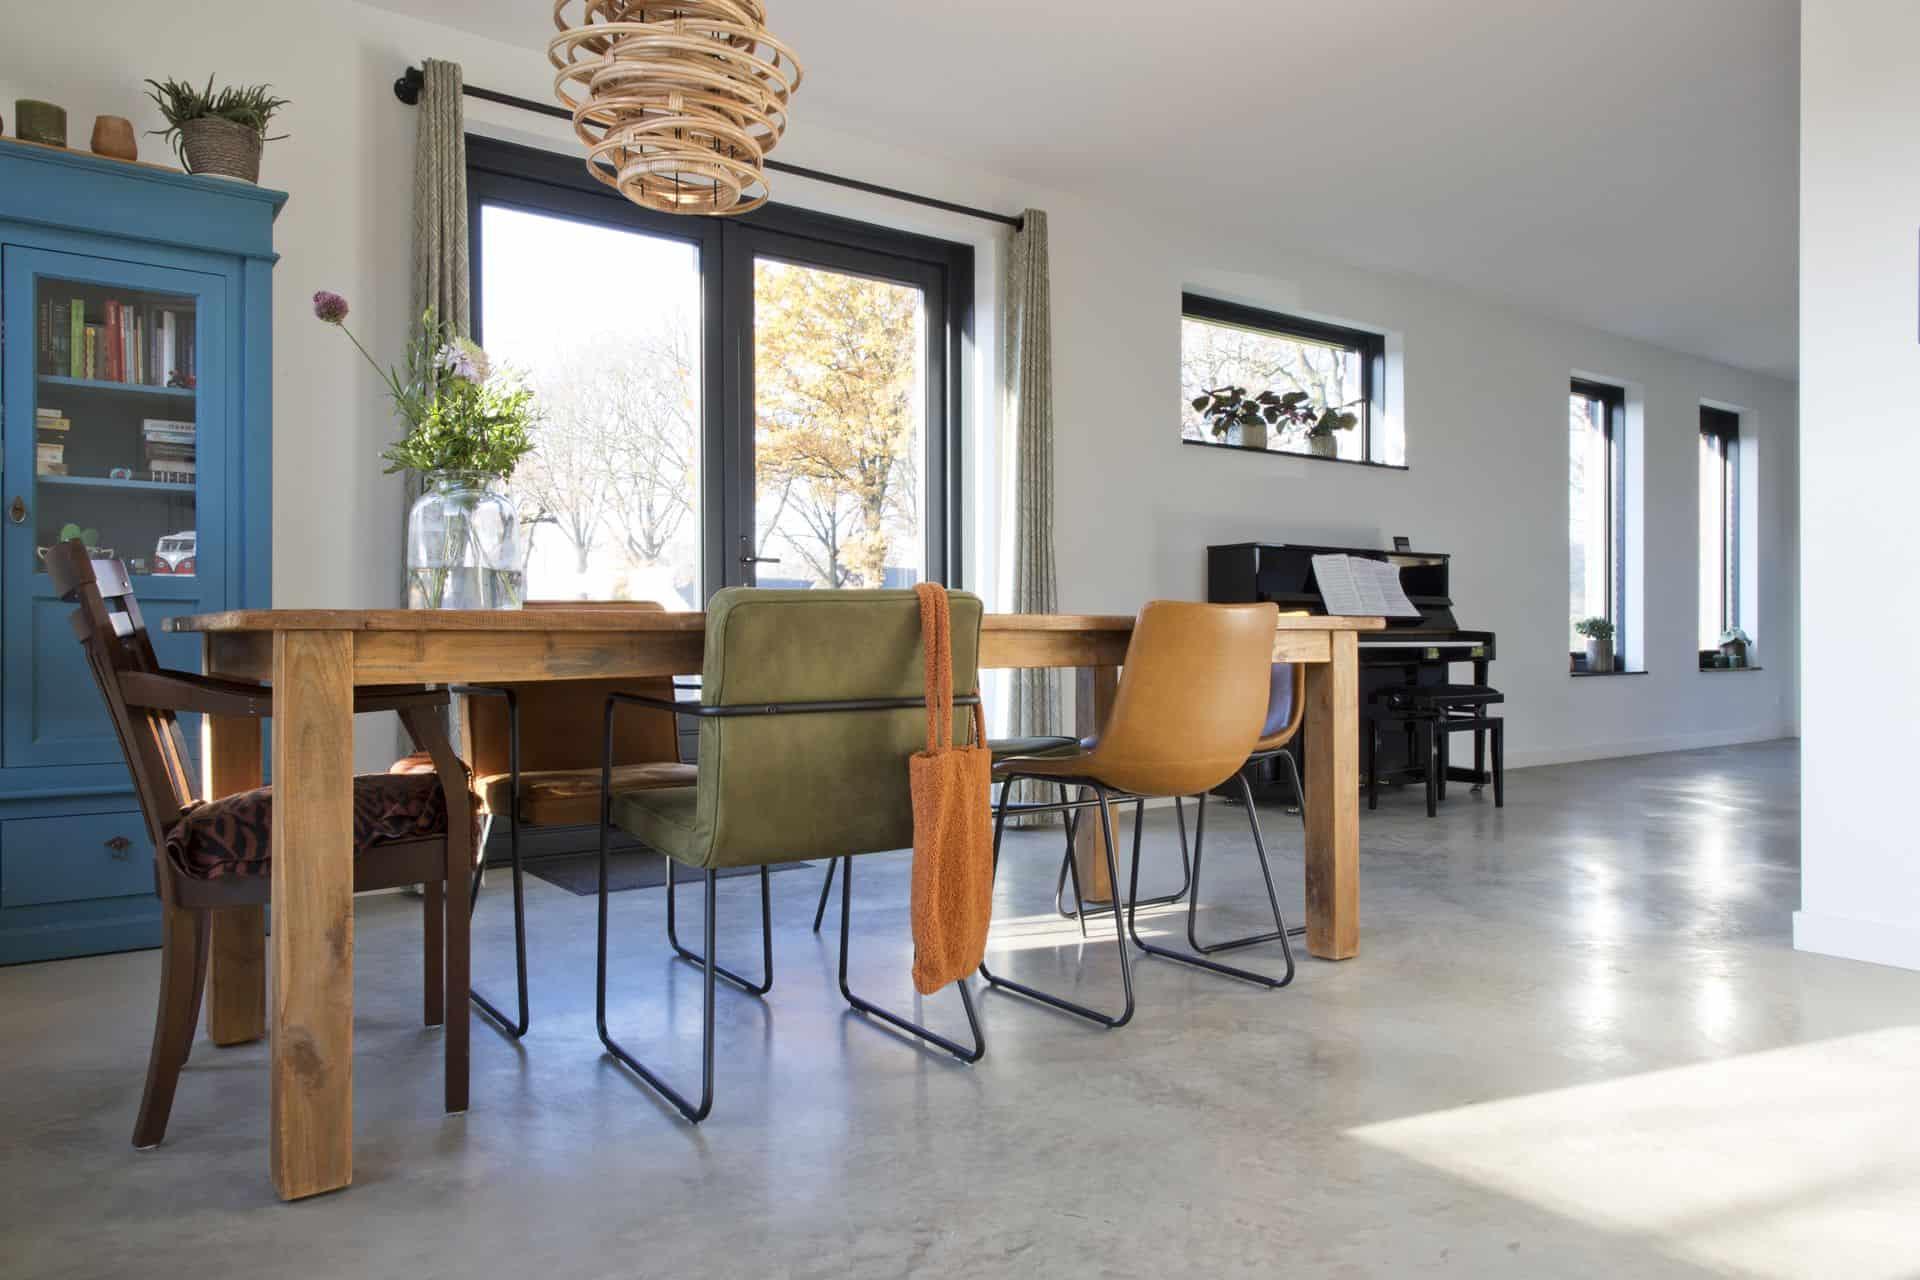 woonbeton vloer in Hierden, gevlinderde woonbeton vloer